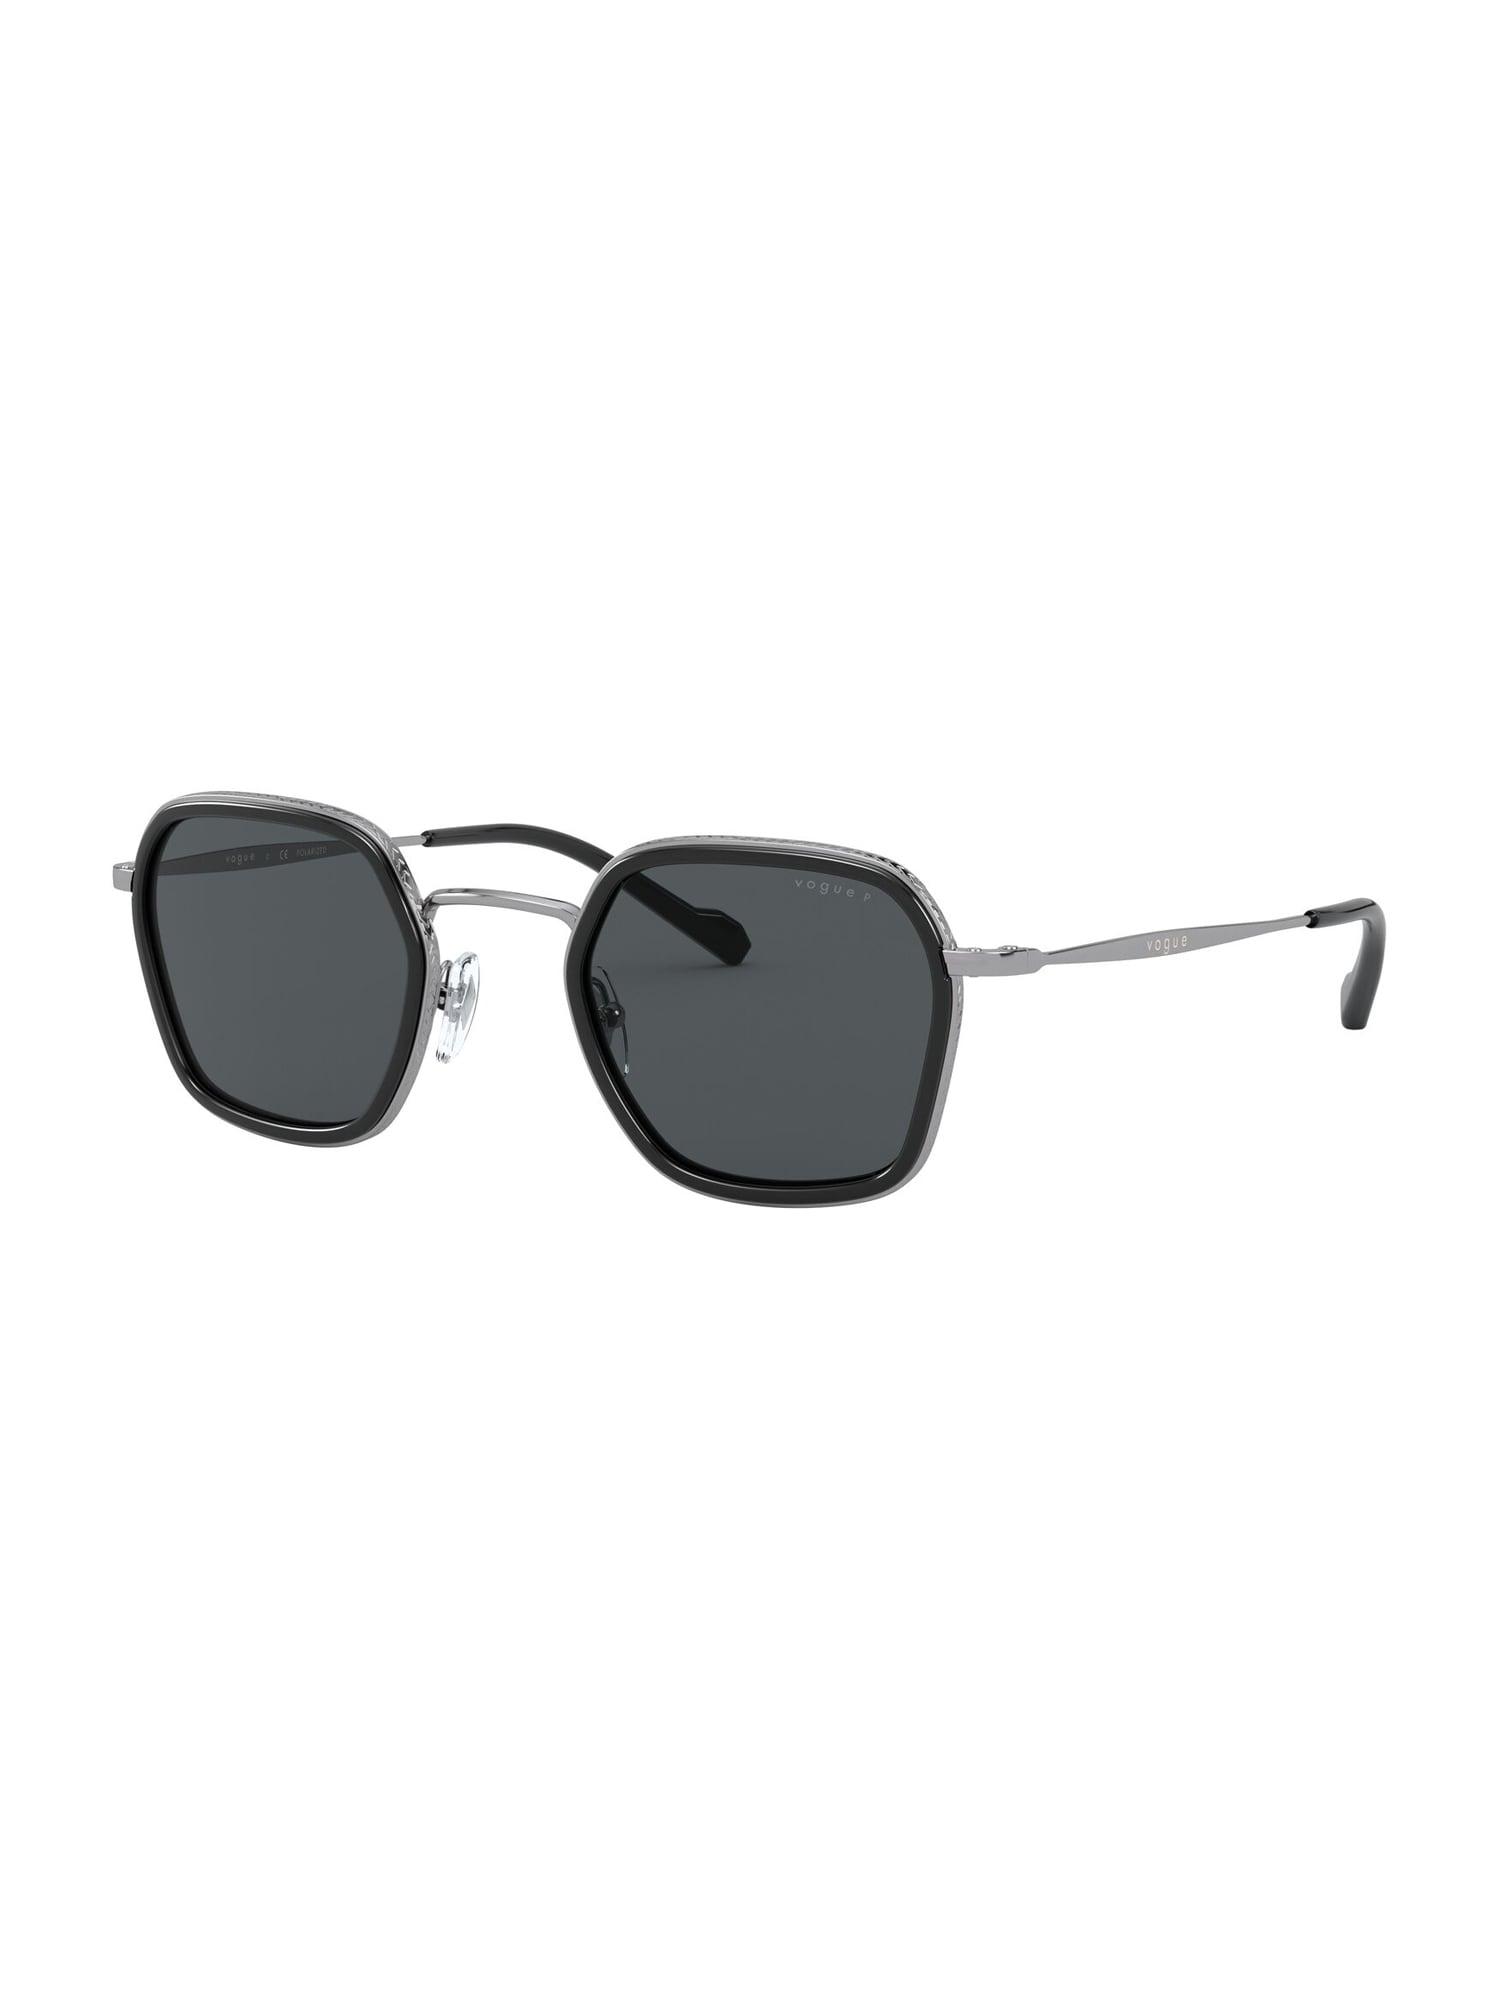 VOGUE Eyewear Akiniai nuo saulės 'METALL MAN SONNE' juoda